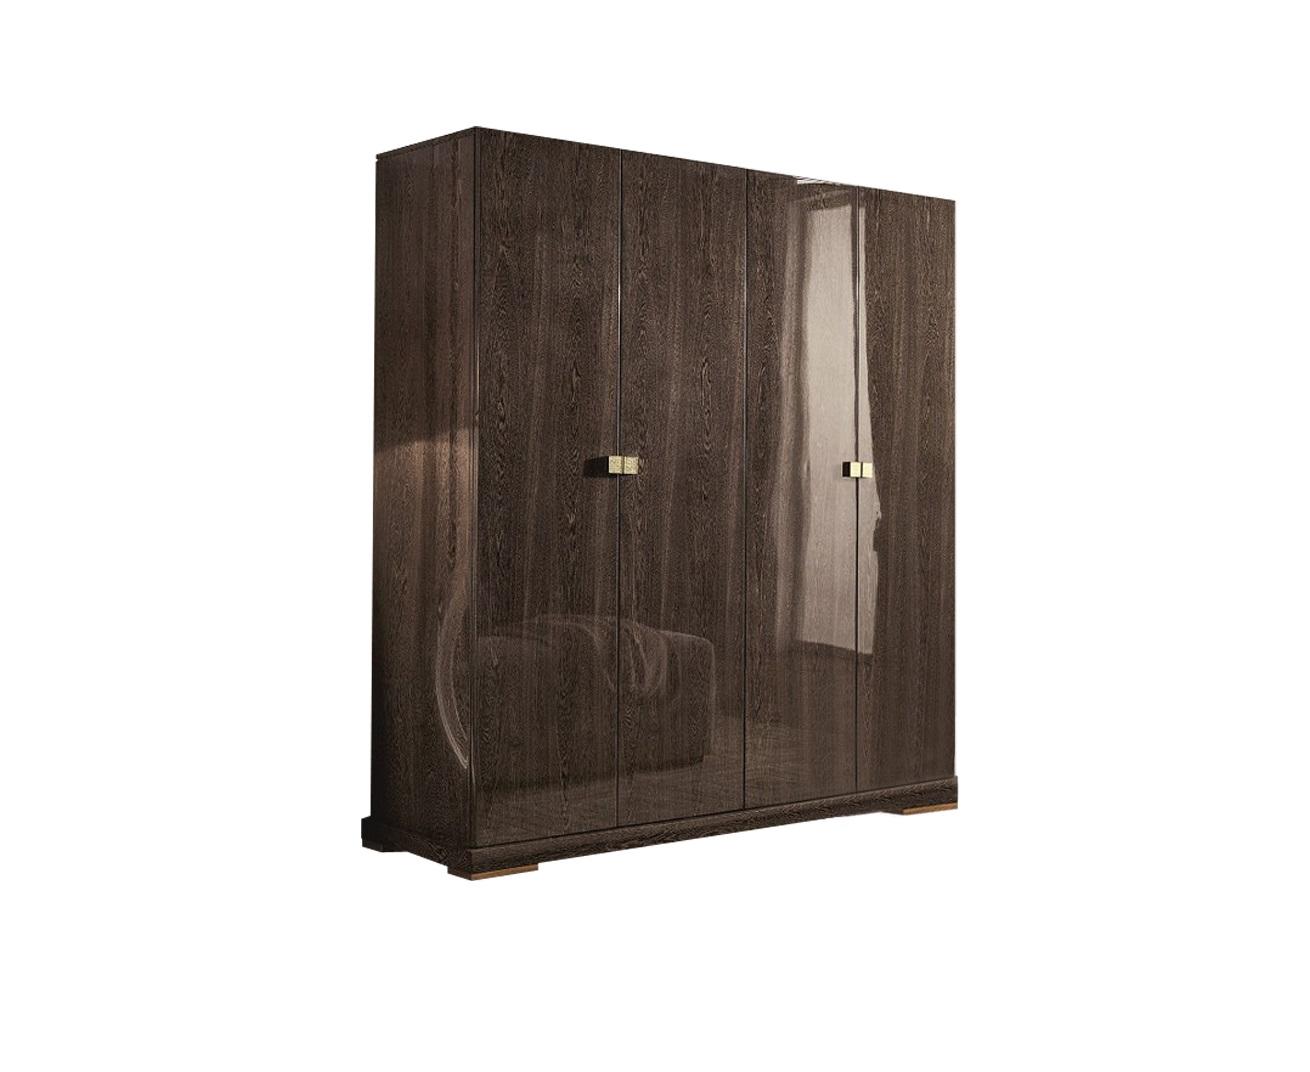 Гардероб FORLIПлатяные шкафы<br>Гардероб выполнен в современном стиле. Сделан из высококачественного МДФ высокой плотности и массива дерева. Отделка Wenge цвет C.<br><br>Material: Дерево<br>Ширина см: 204<br>Высота см: 210<br>Глубина см: 63